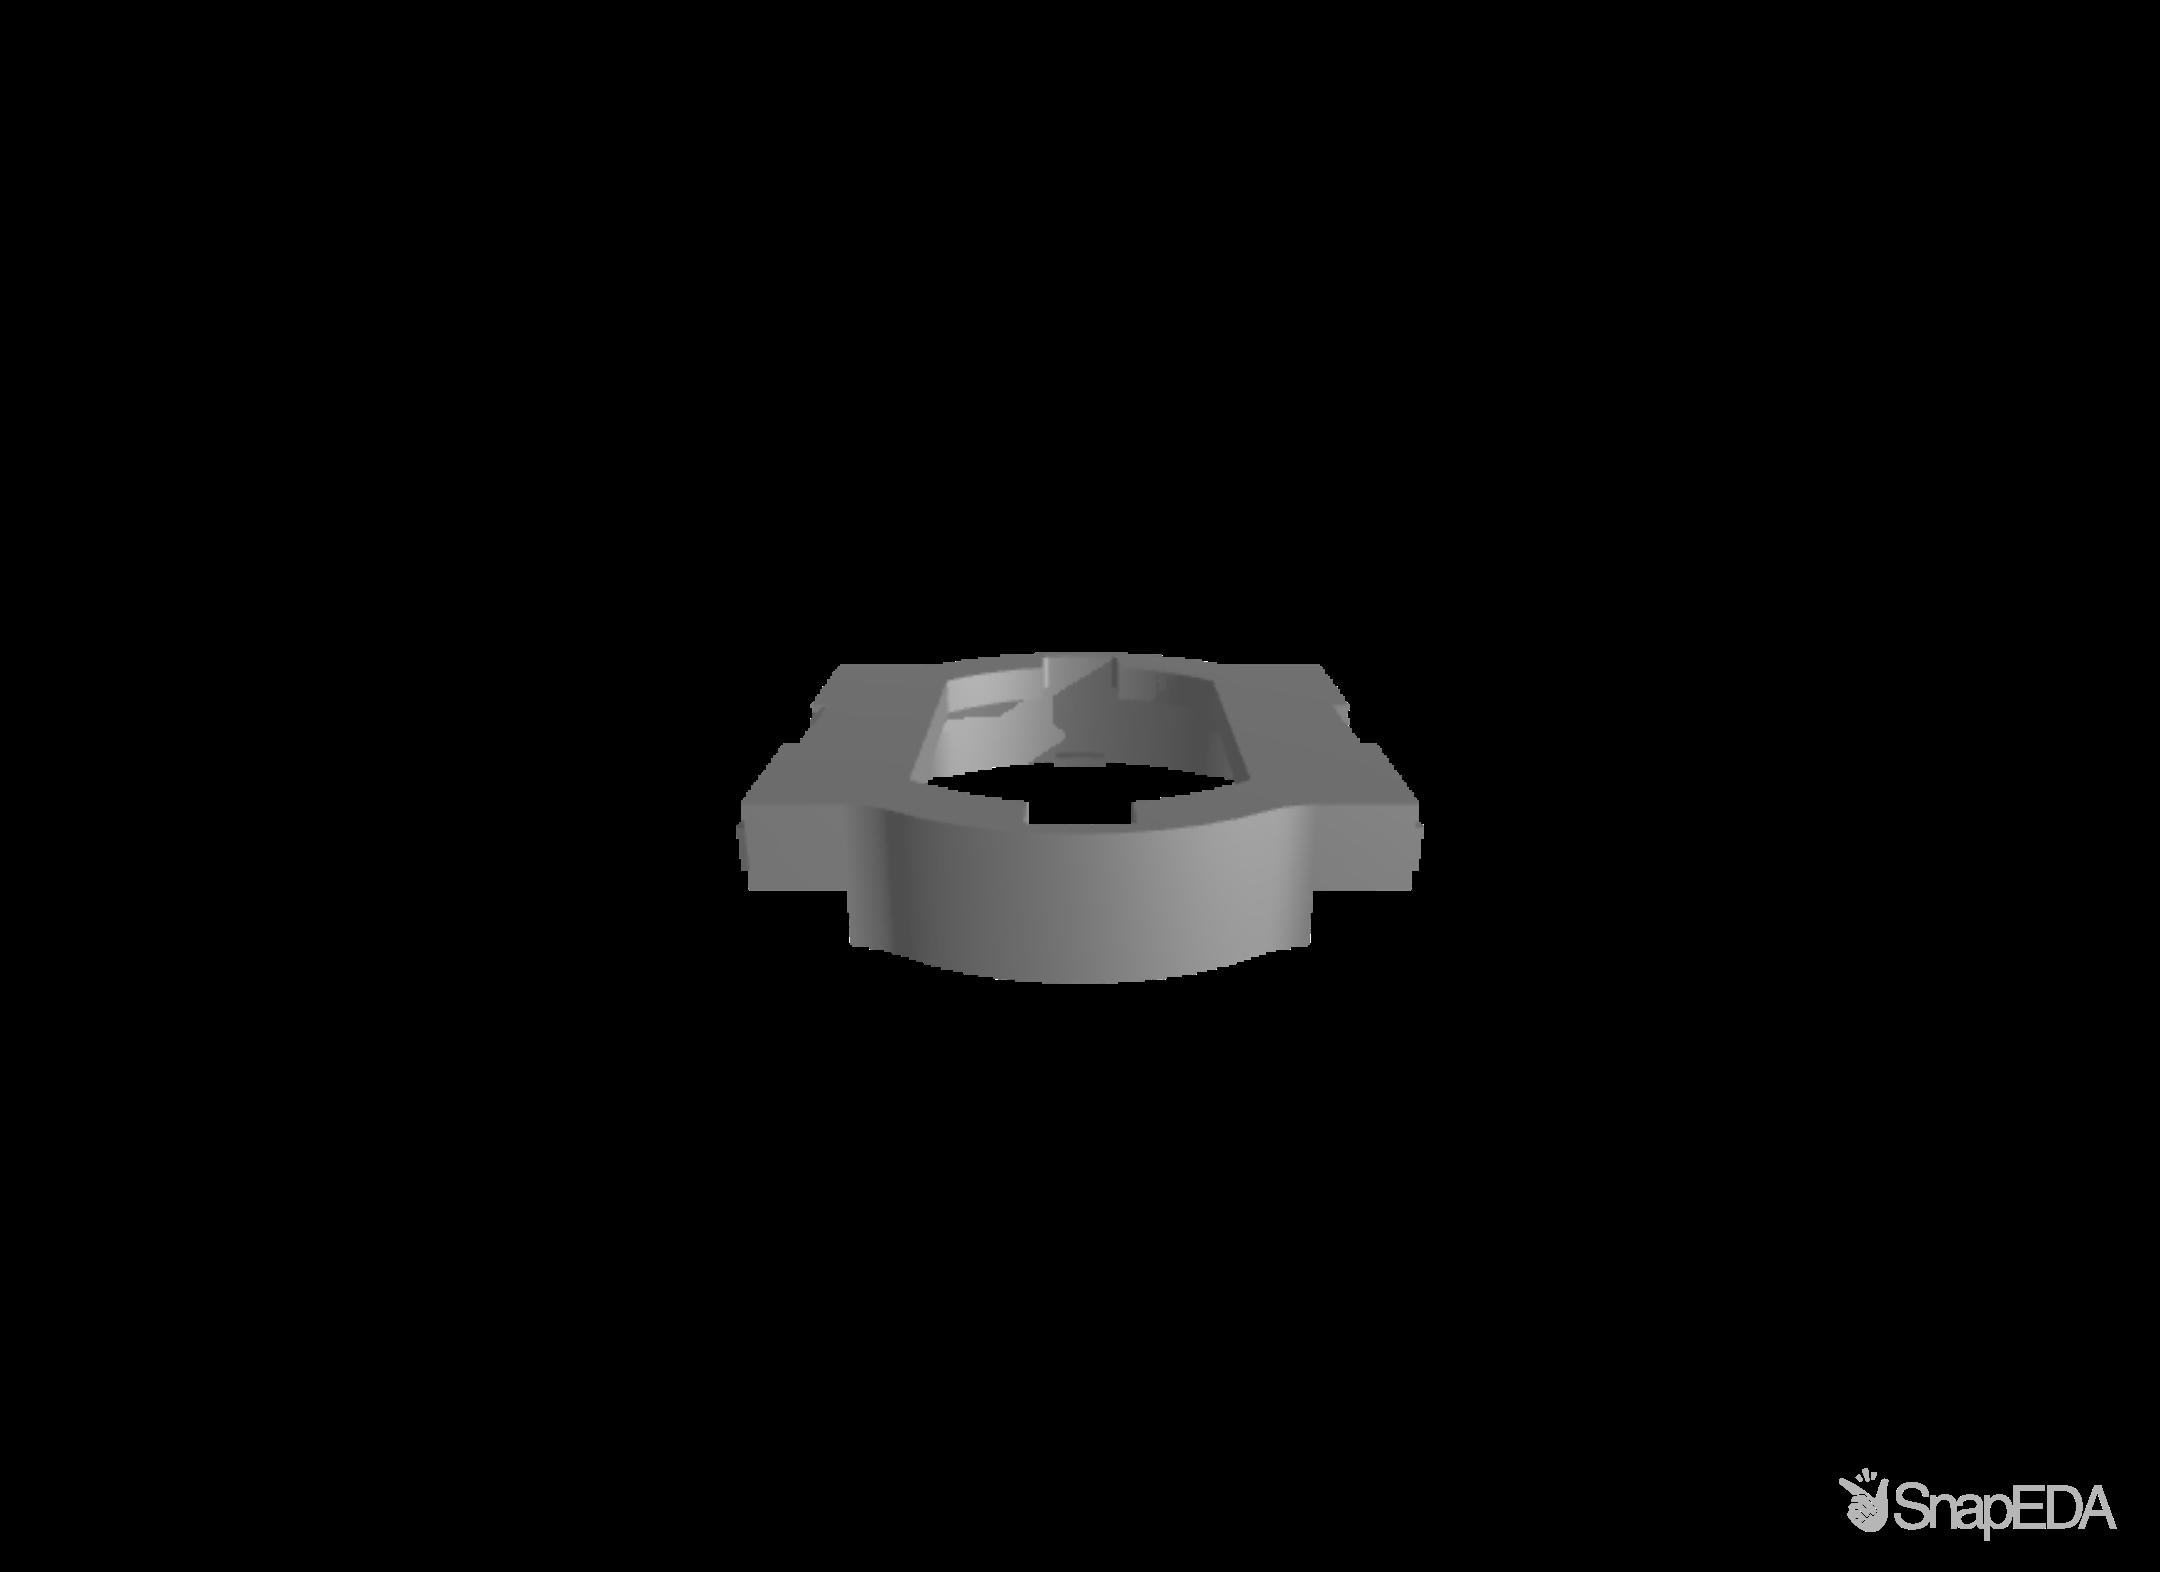 BHSD-1225-COVER 3D Model